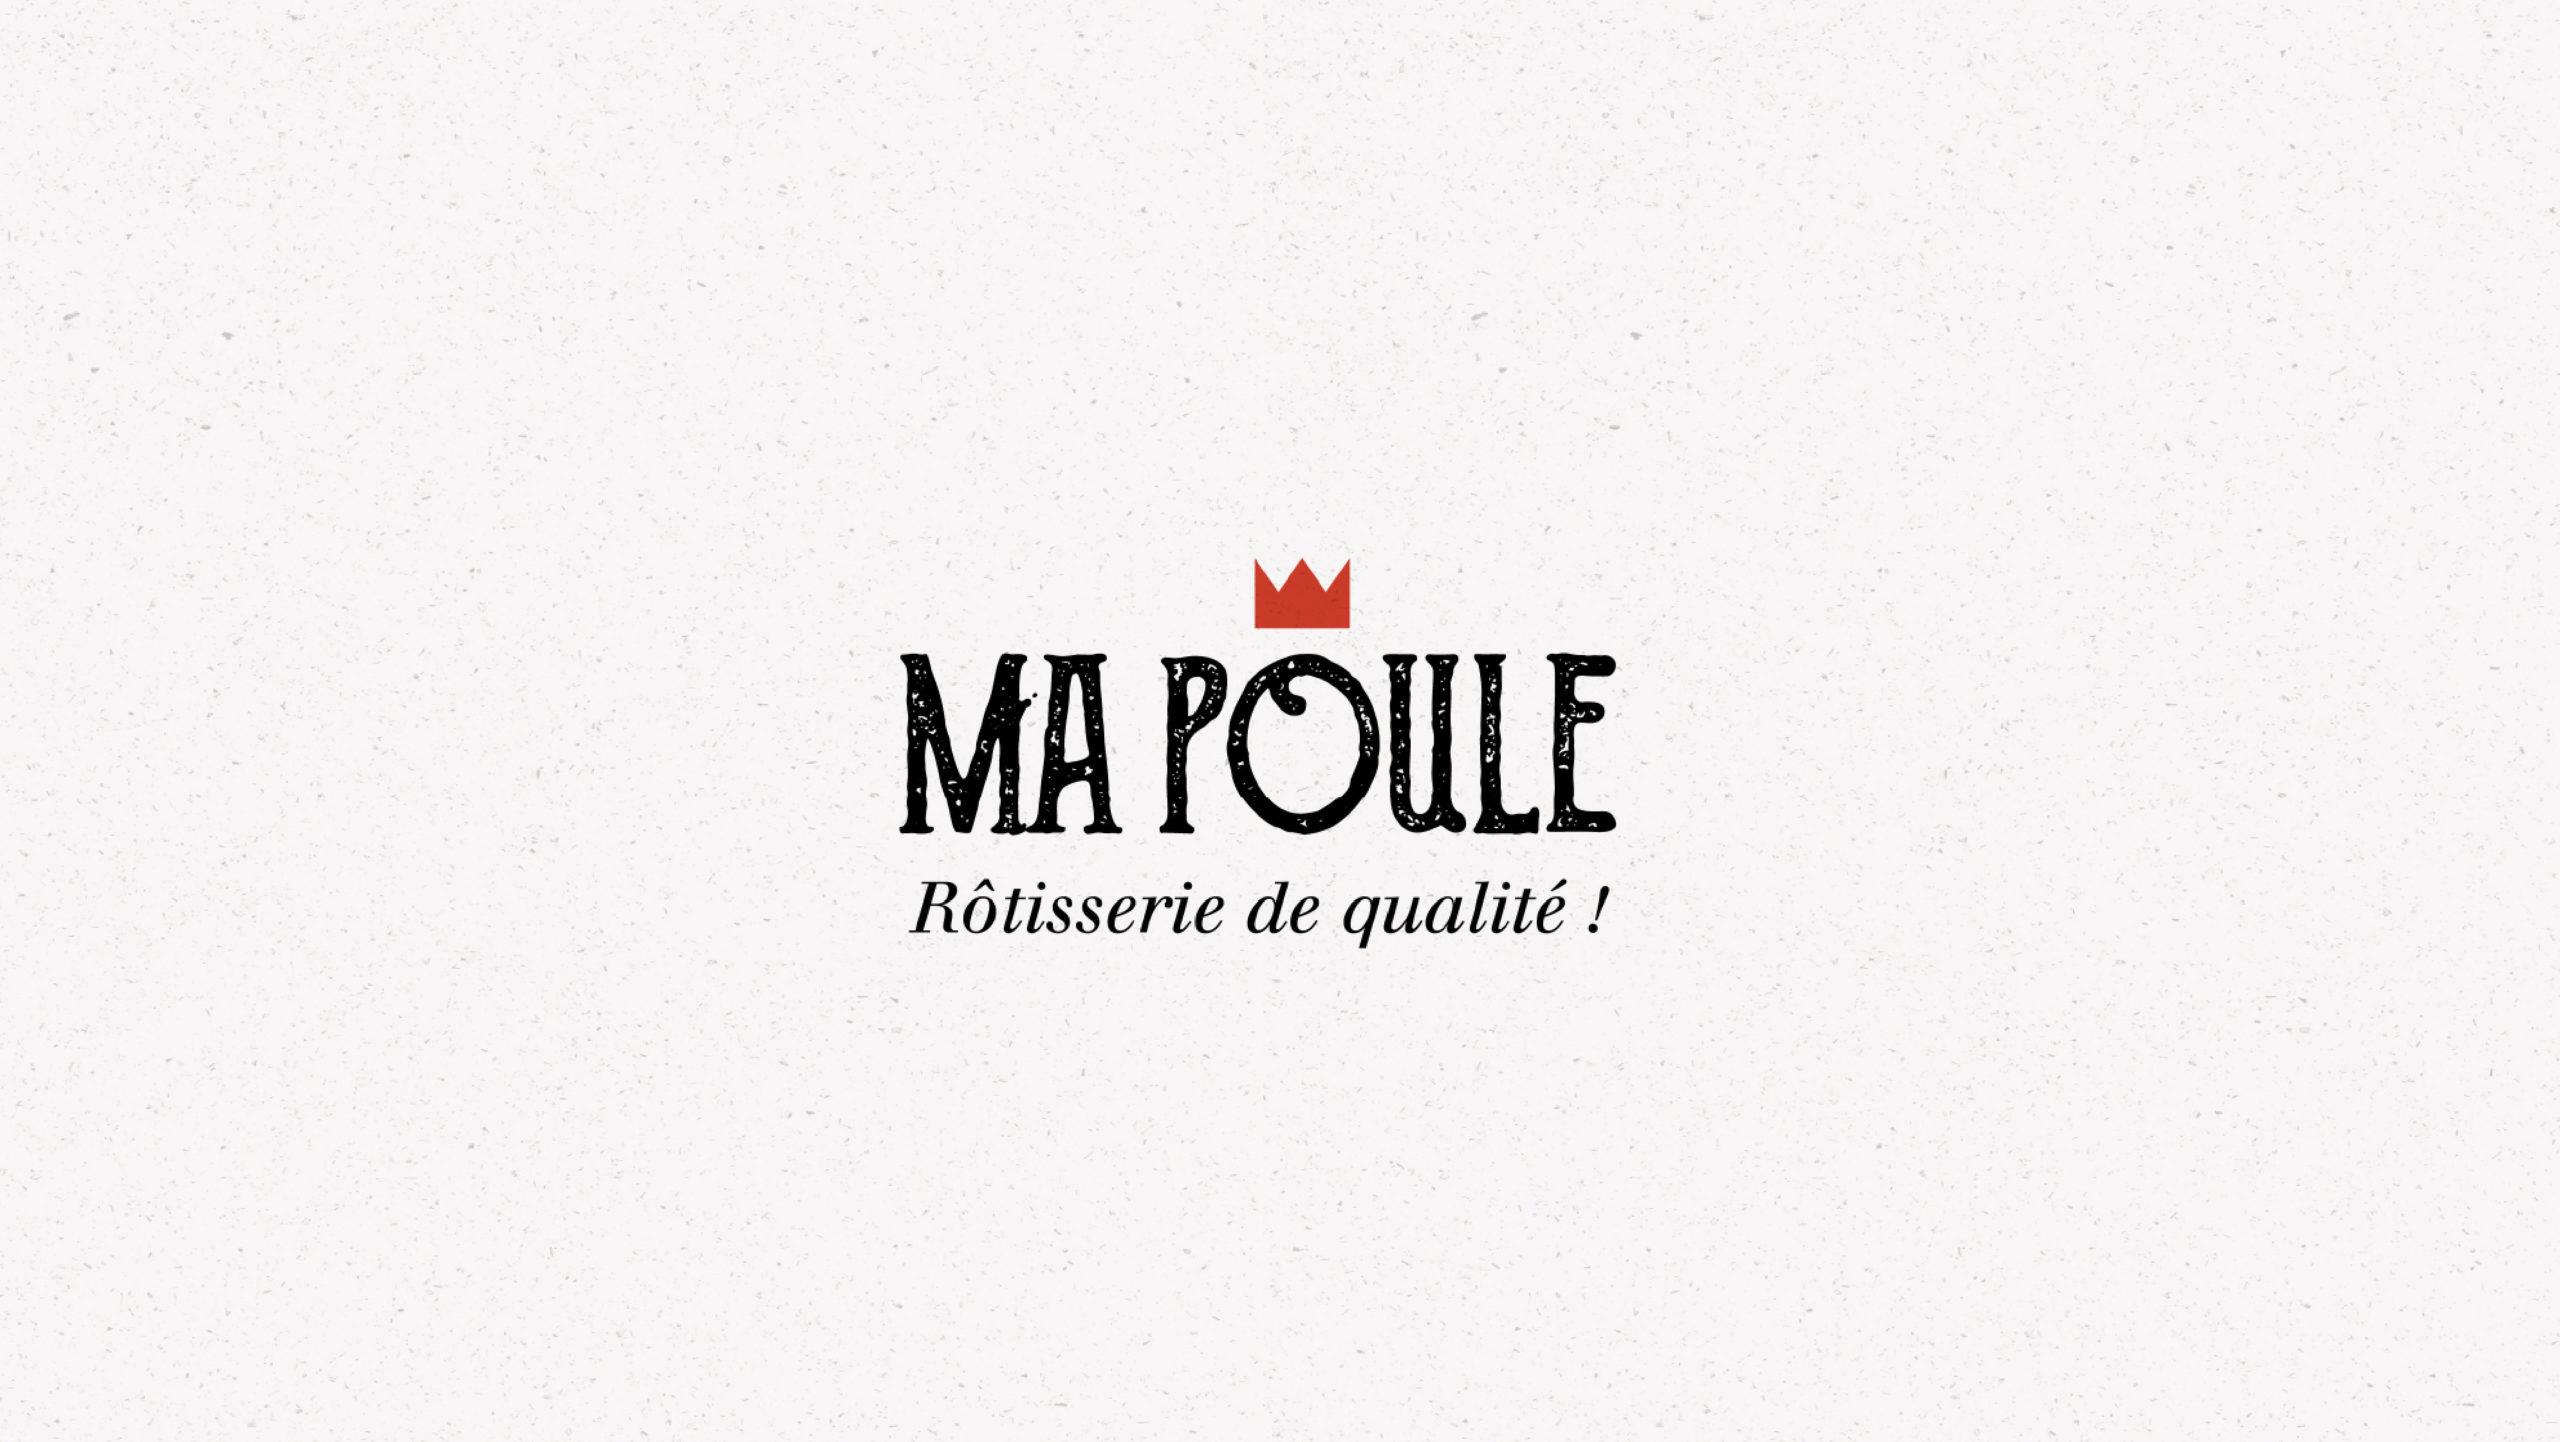 MAPOULE-010